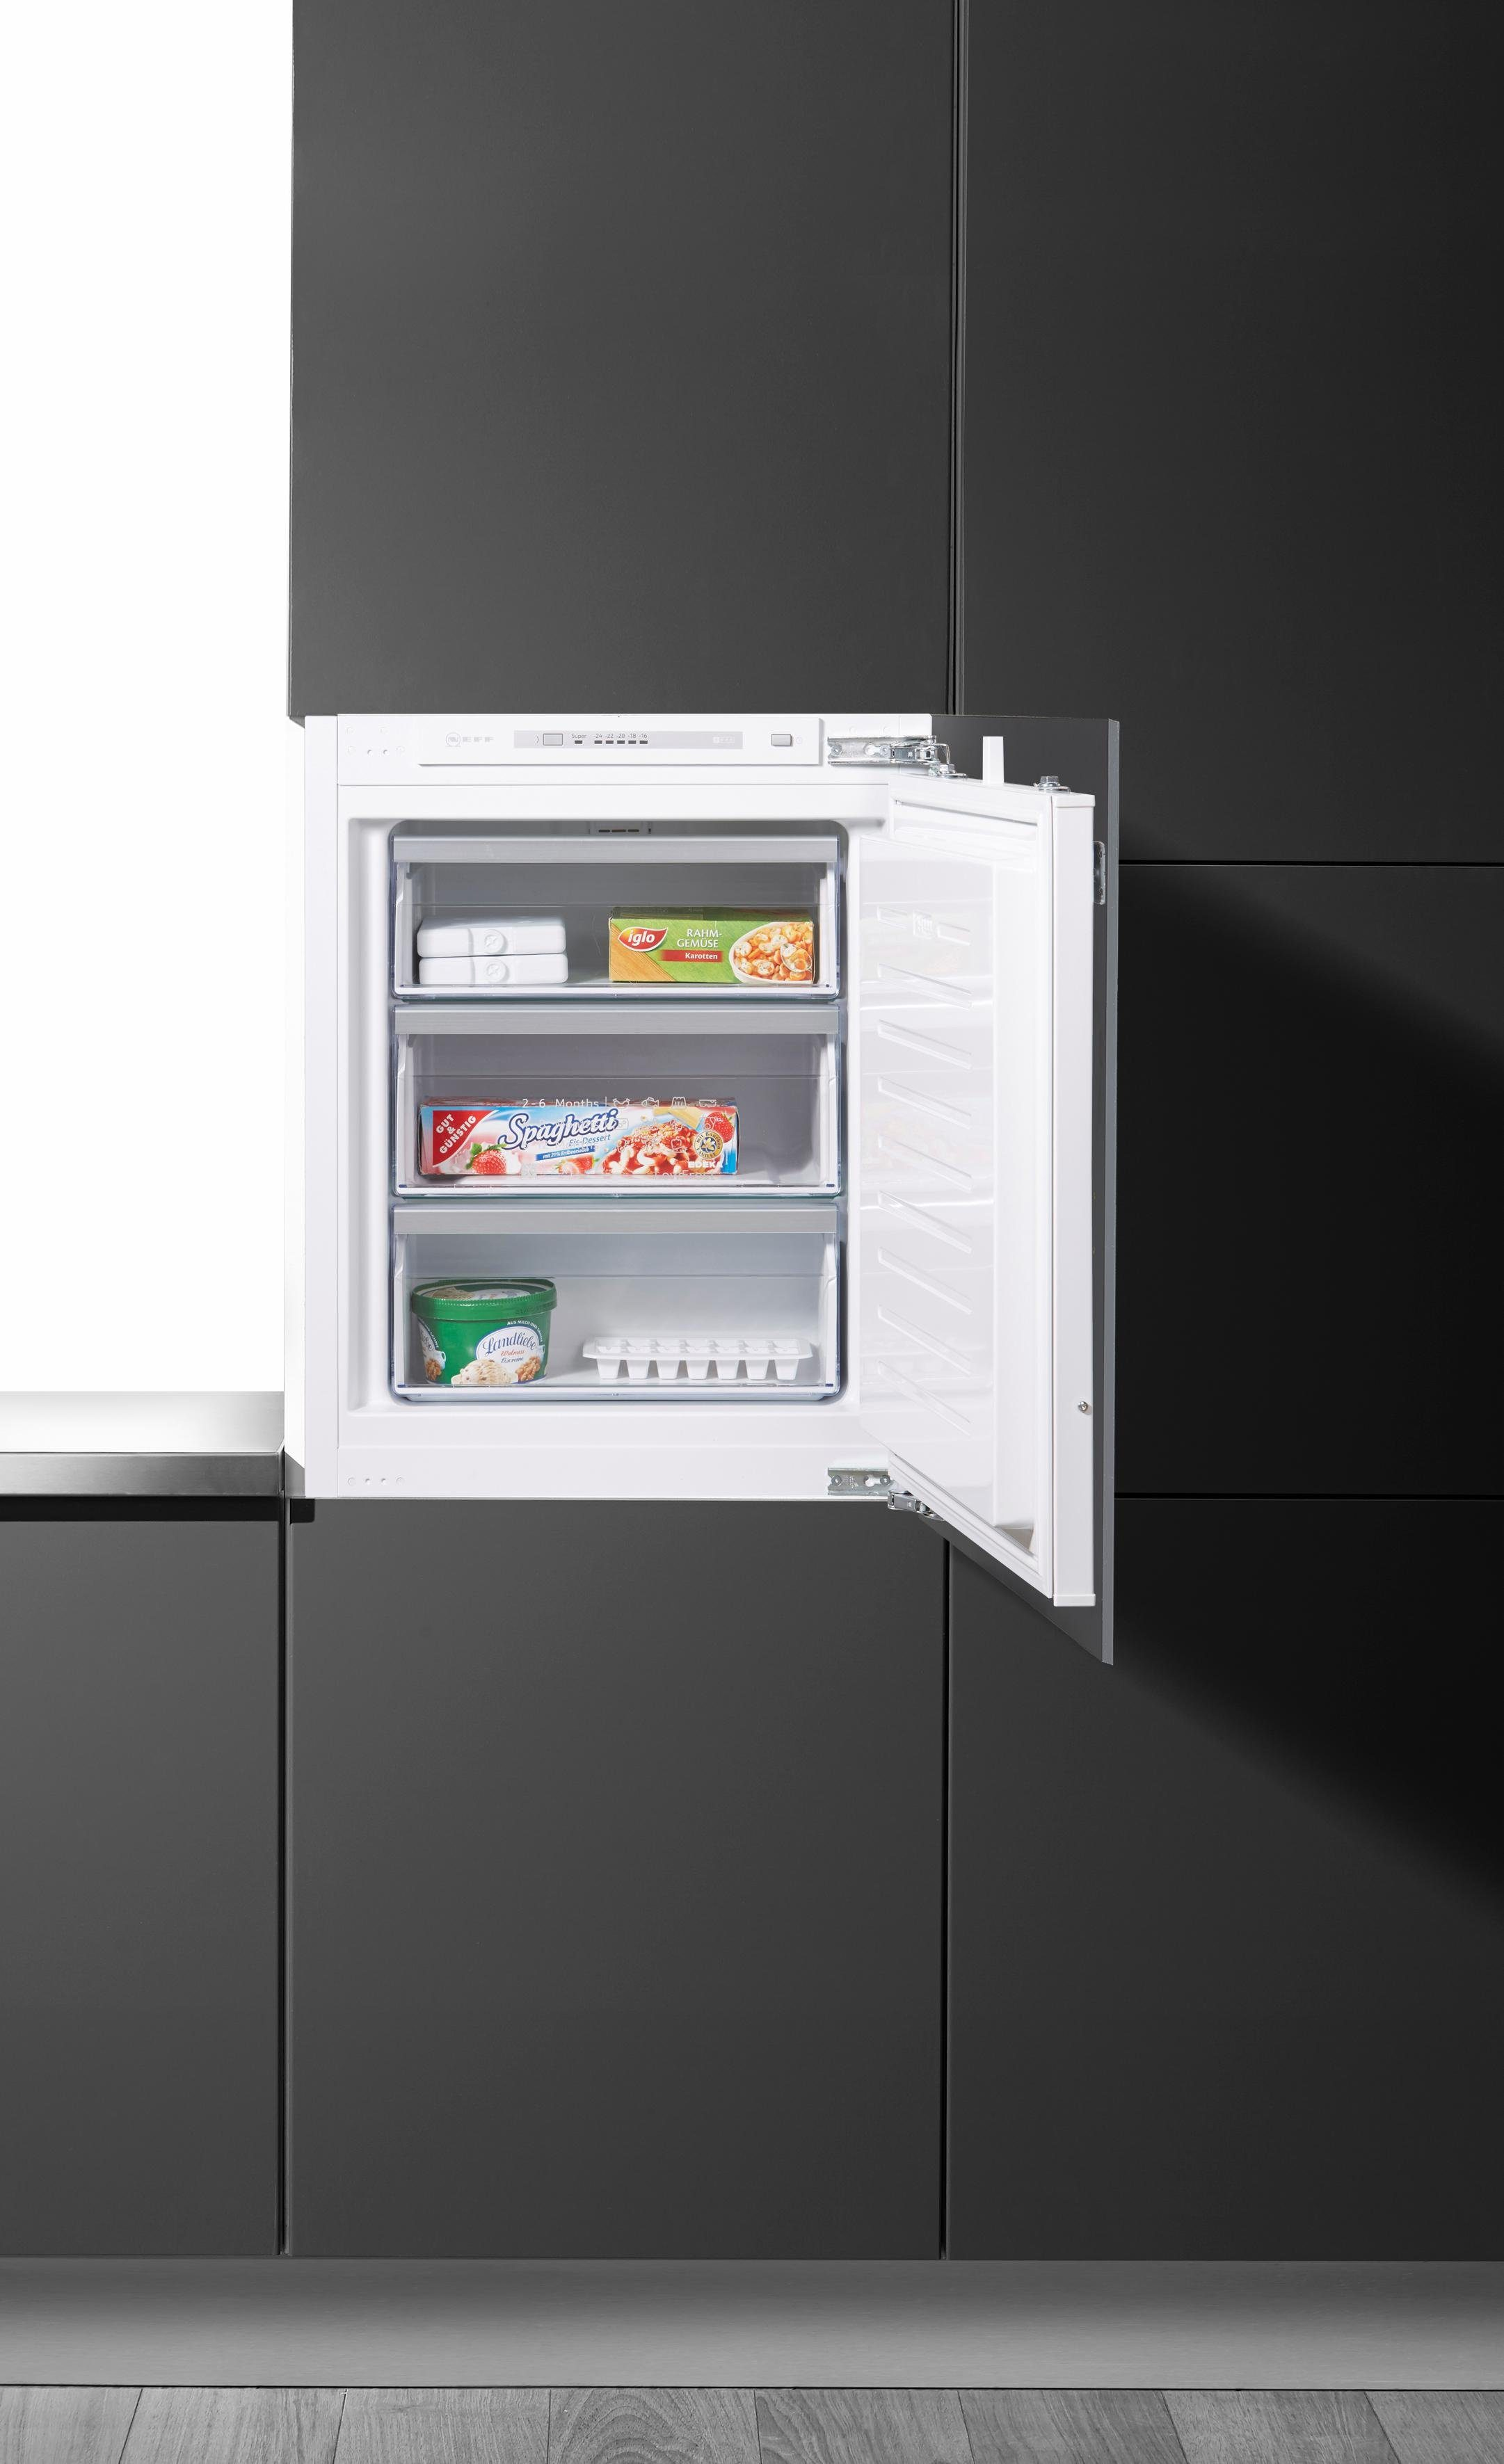 NEFF Einbaugefrierschrank G146A2 / GI1113D30, 71,2 cm hoch, 55,8 cm breit